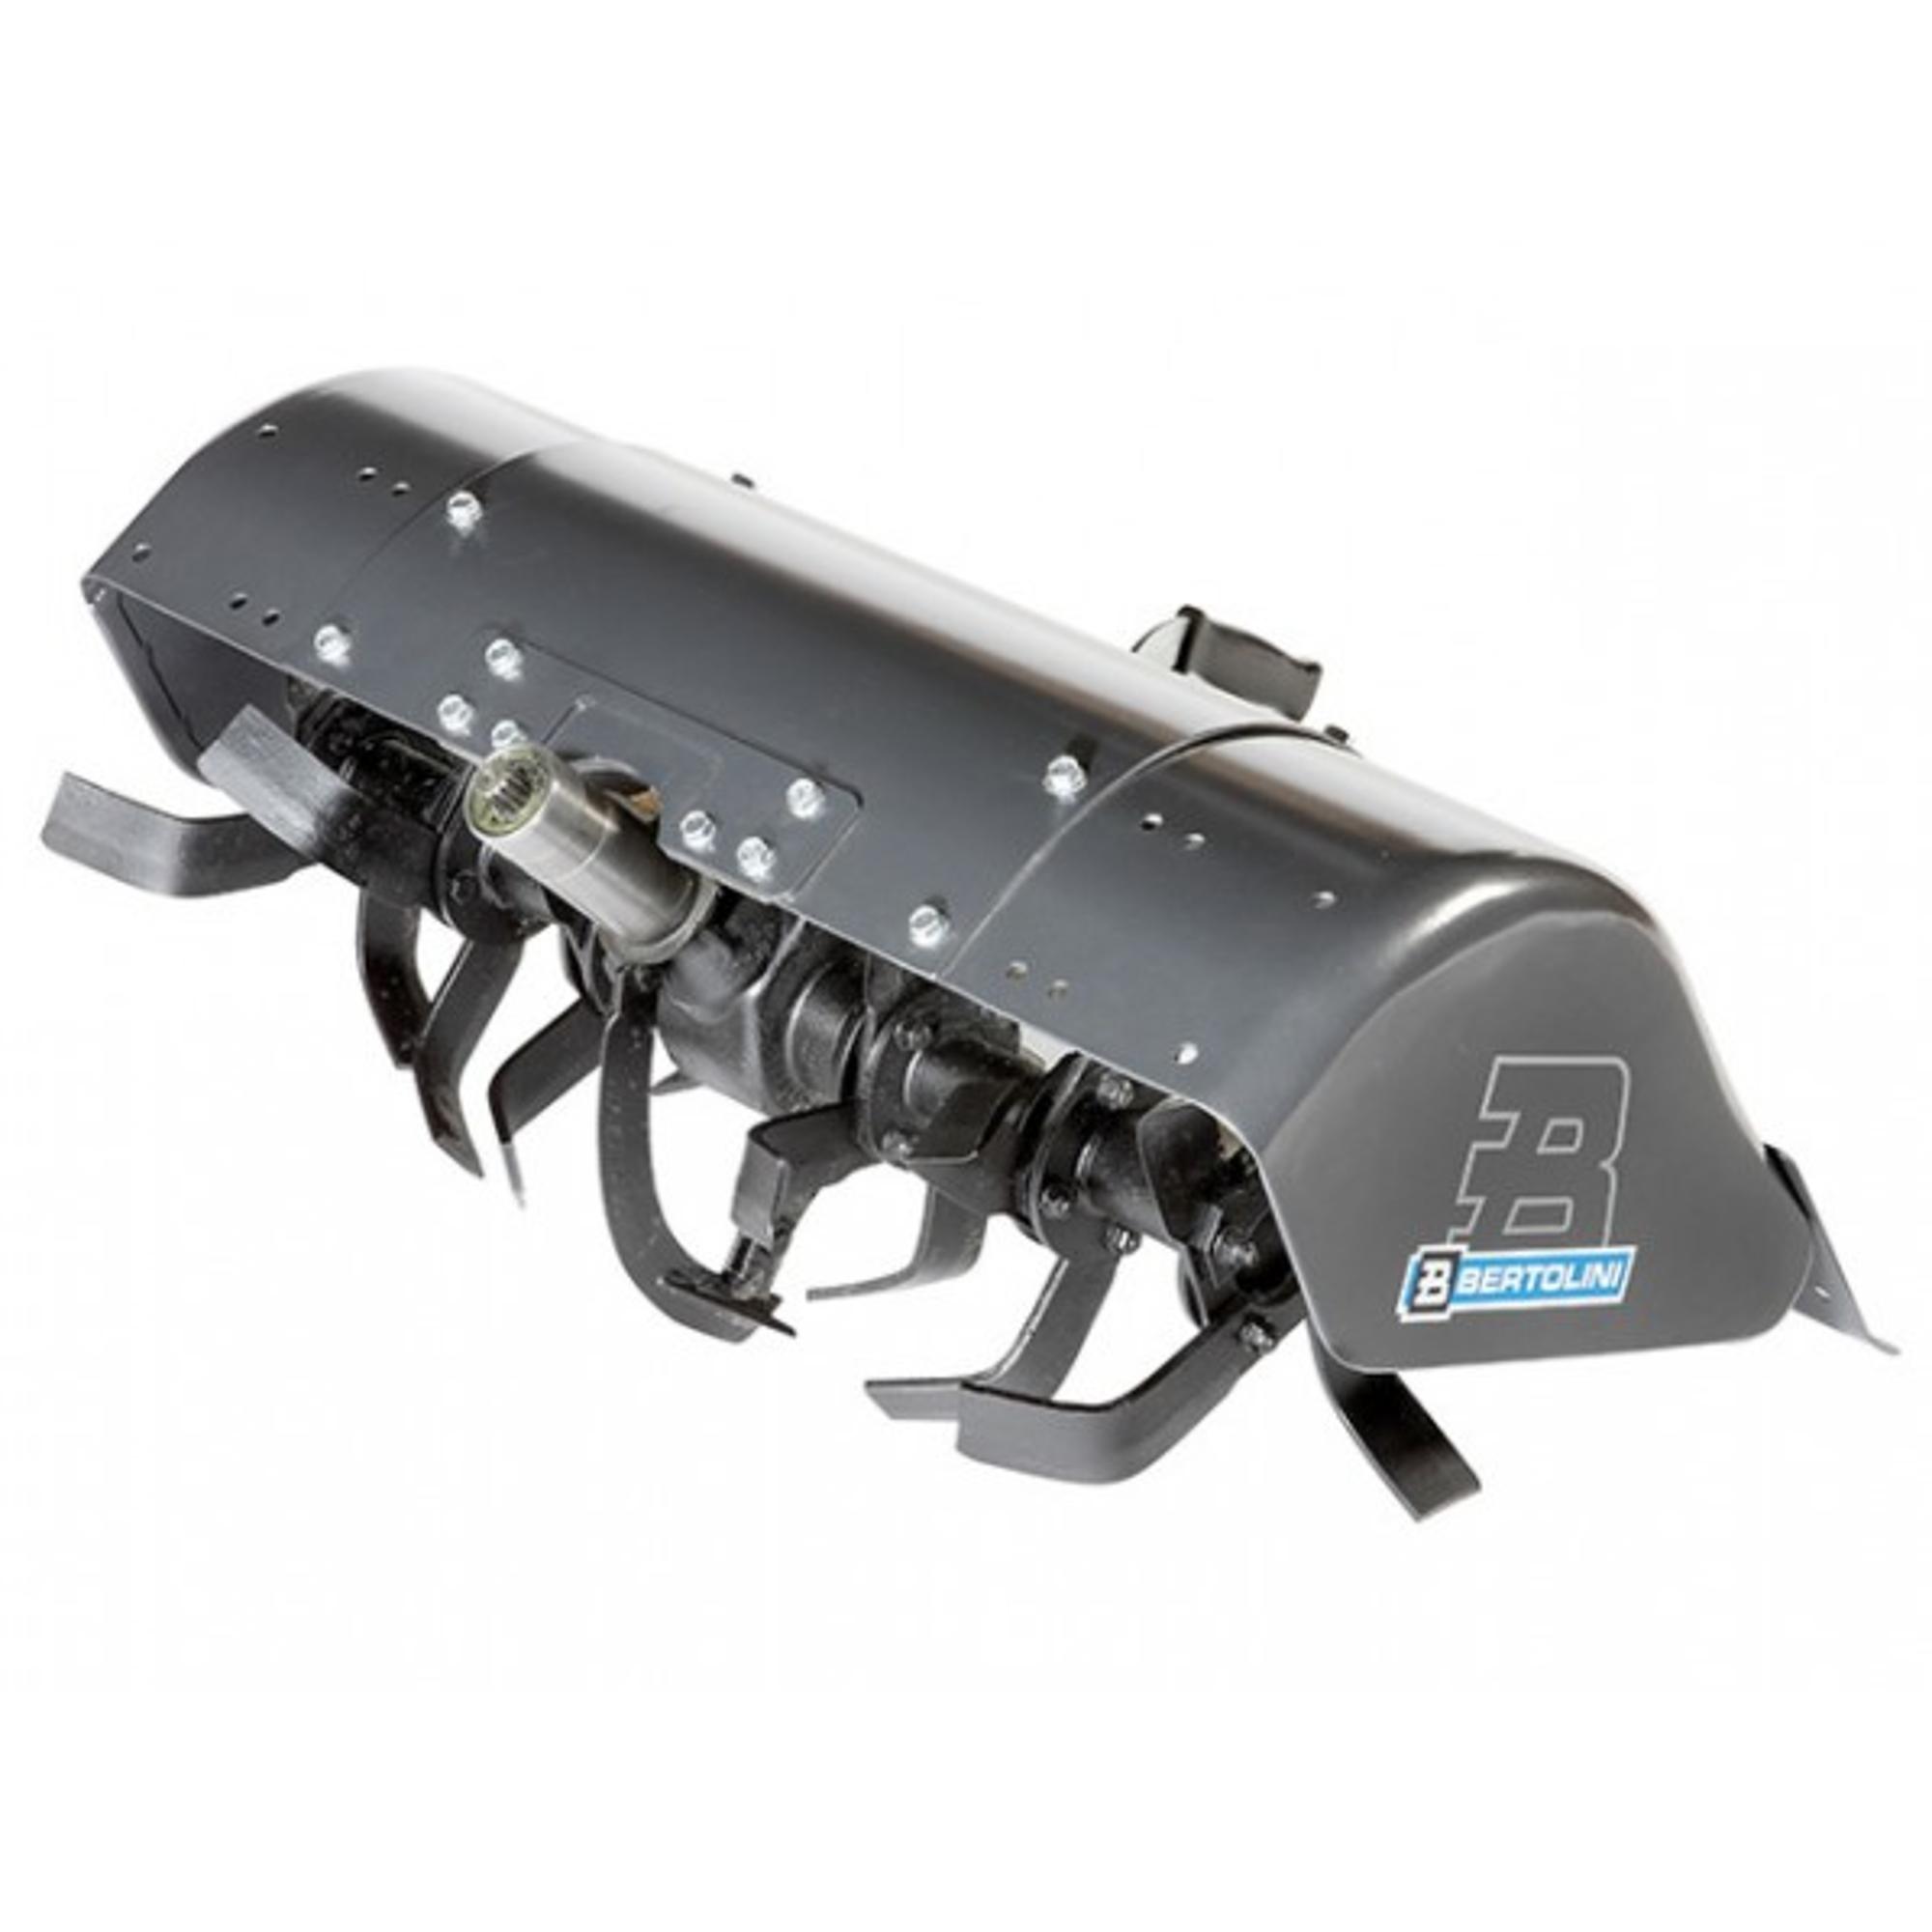 Bertolini Rotor 70 cm, 20 késes motoros kultivátorhoz 69219070